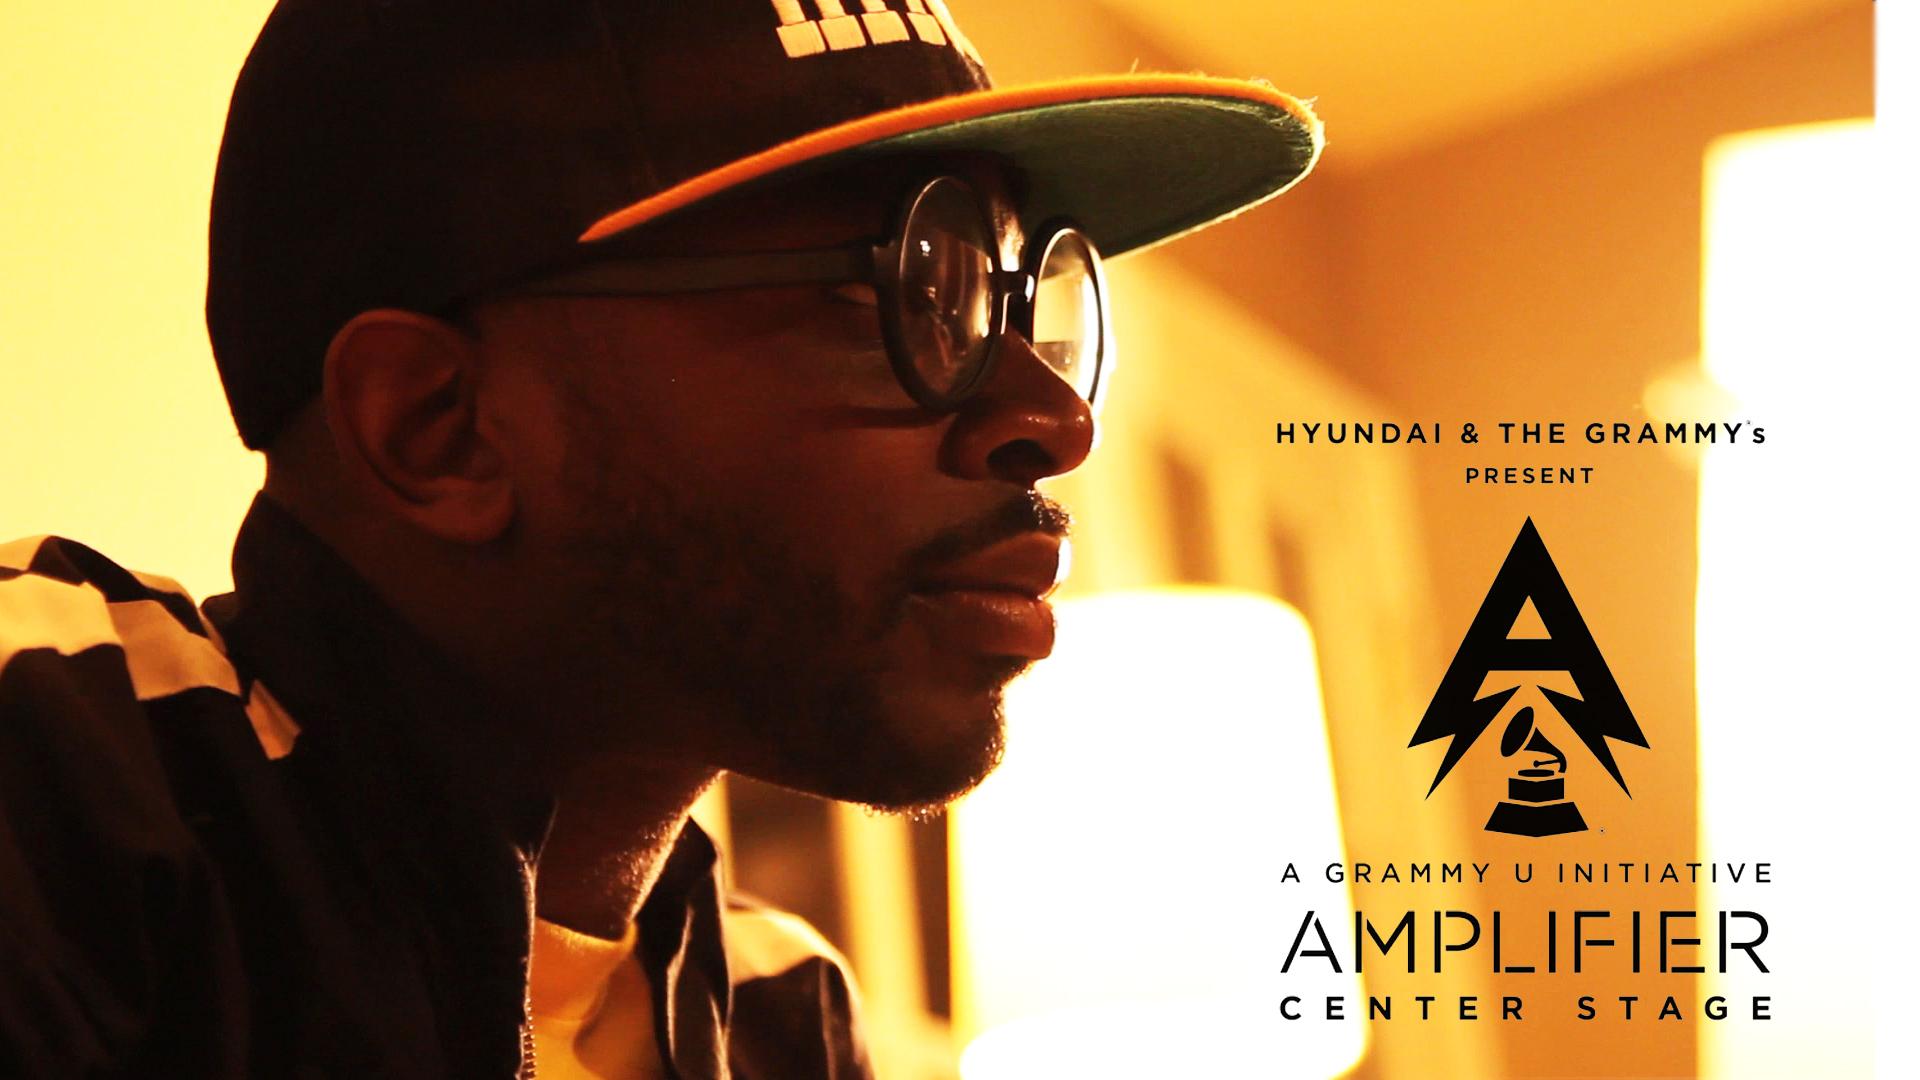 Phillip Final Edit Hyundai Centerstage Grammy Amplifier Web Picture